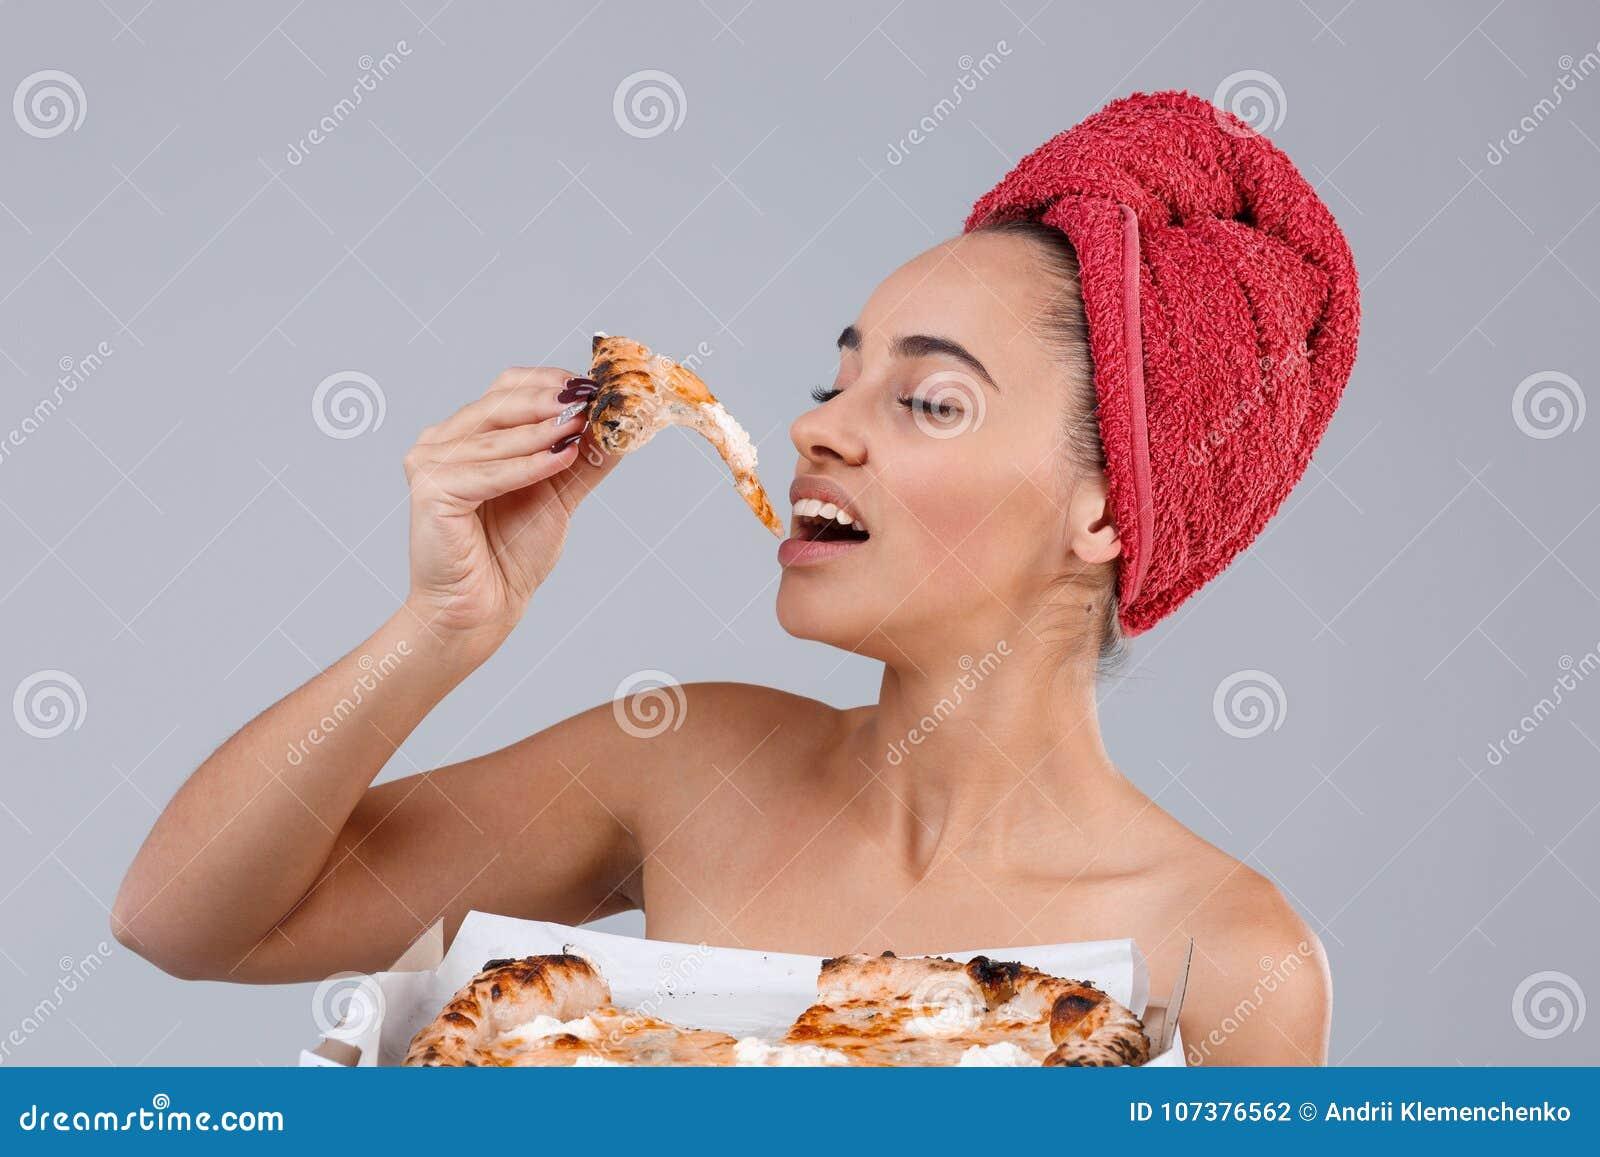 Une fille est enveloppée dans une serviette sur le chef, mangeant un morceau de pizza sur un fond gris